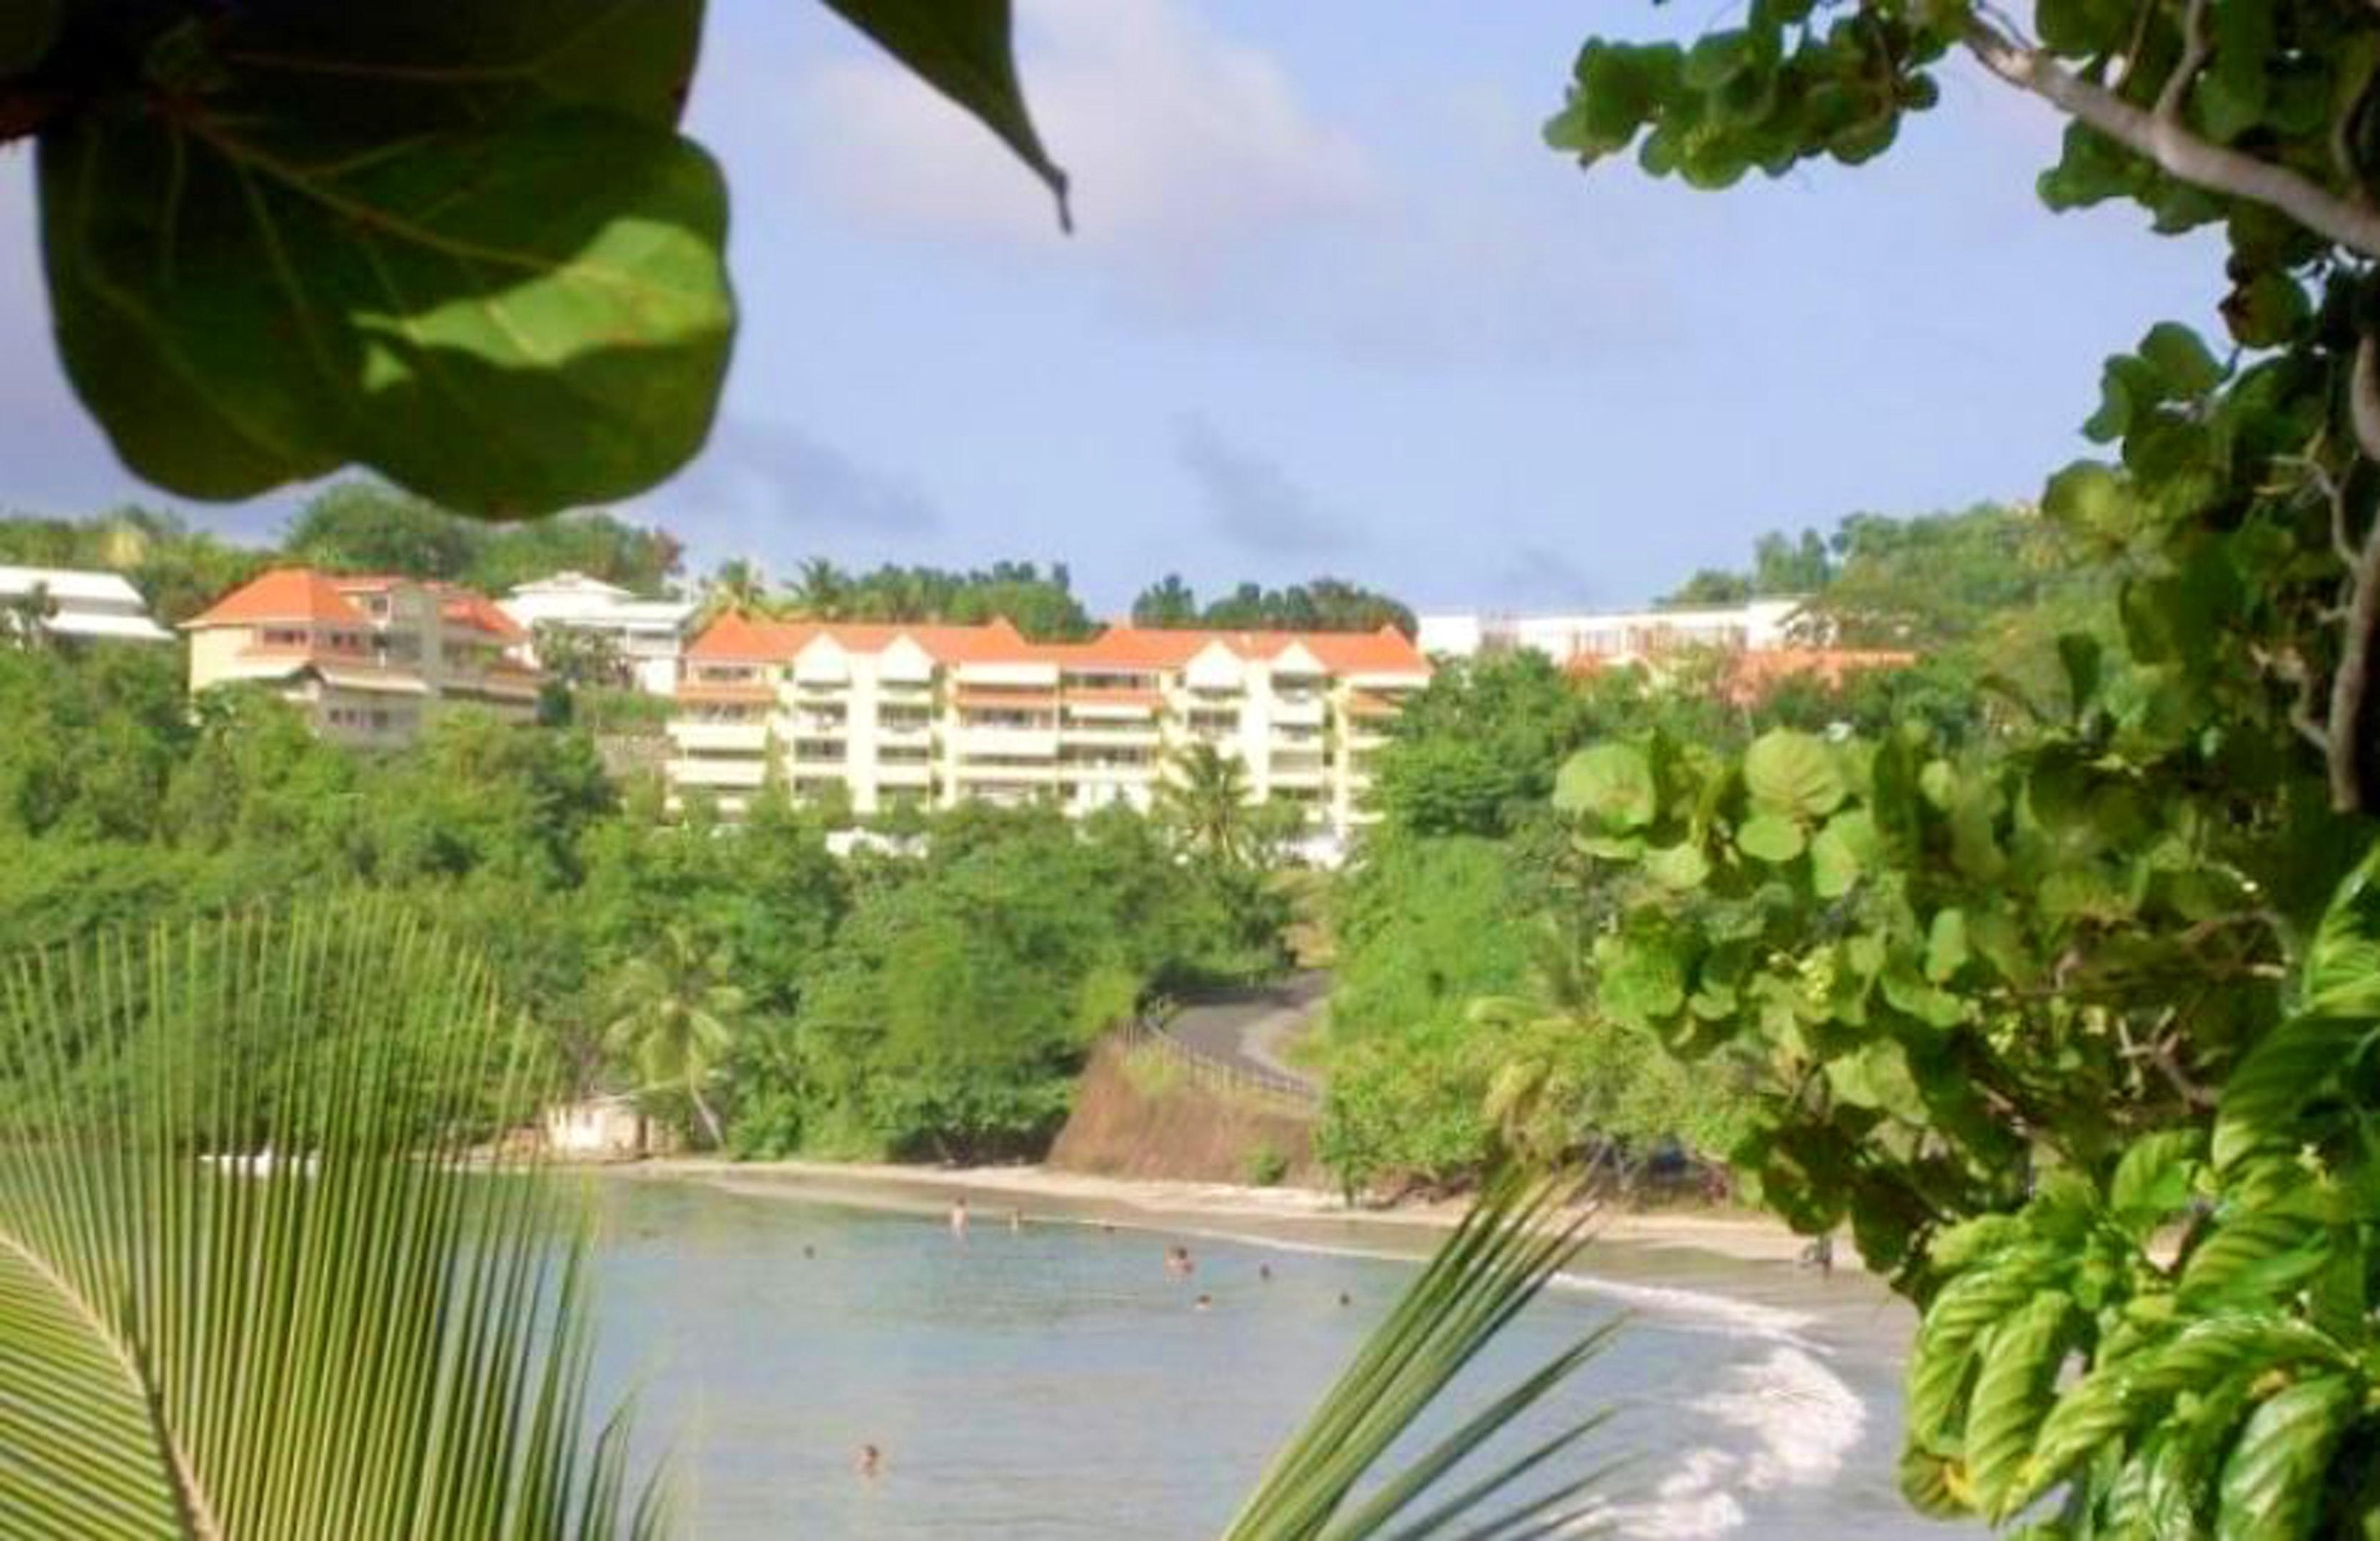 Apartamento de 2 habitaciones en La Trinité, con magnificas vistas al mar, terraza amueblada y WiFi - a 150 m de la playa